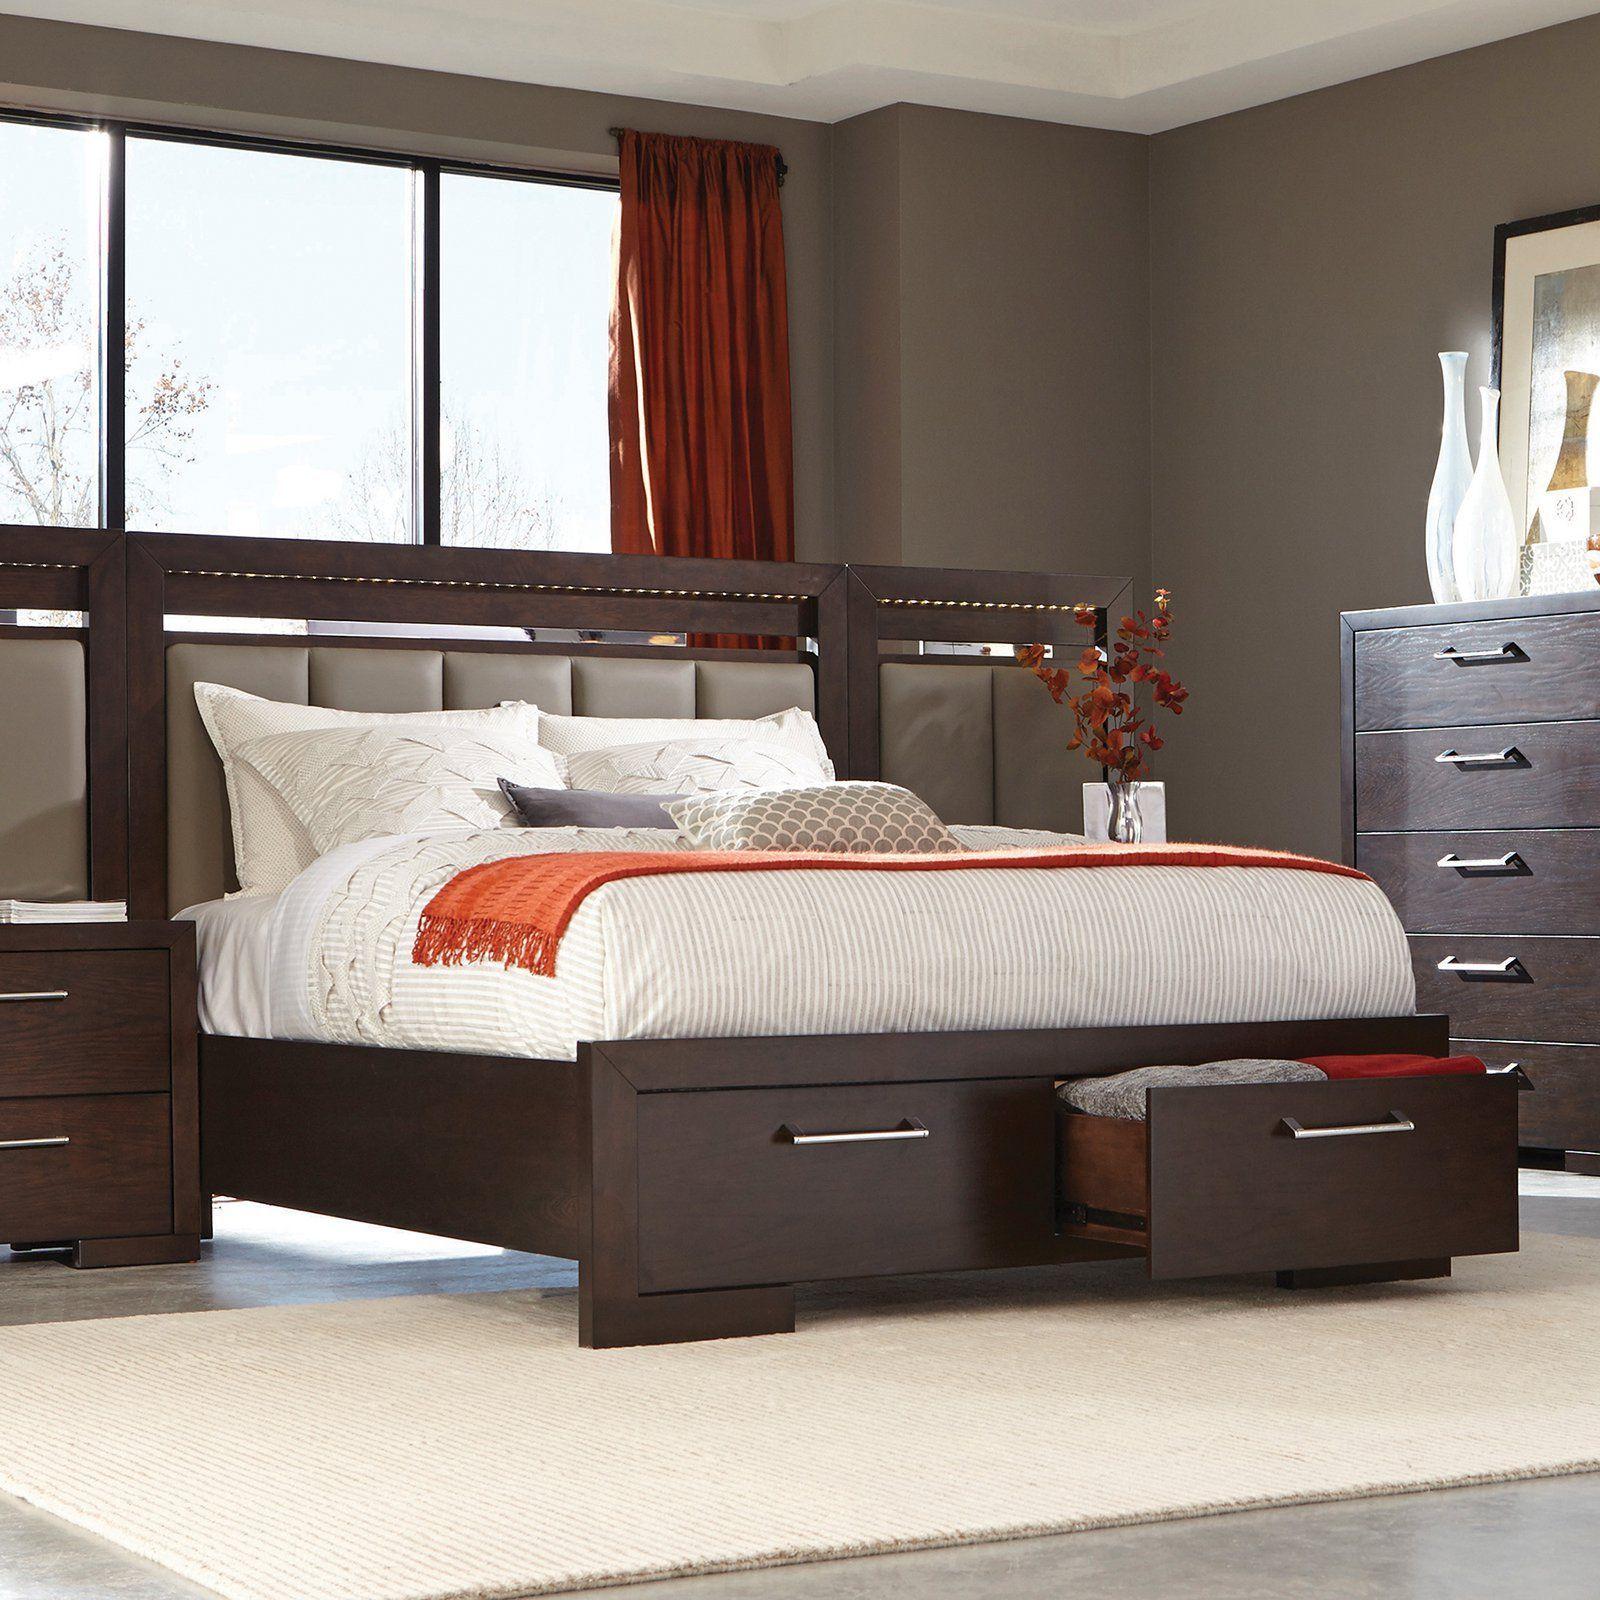 Coaster Furniture Berkshire Upholstered Storage Bed